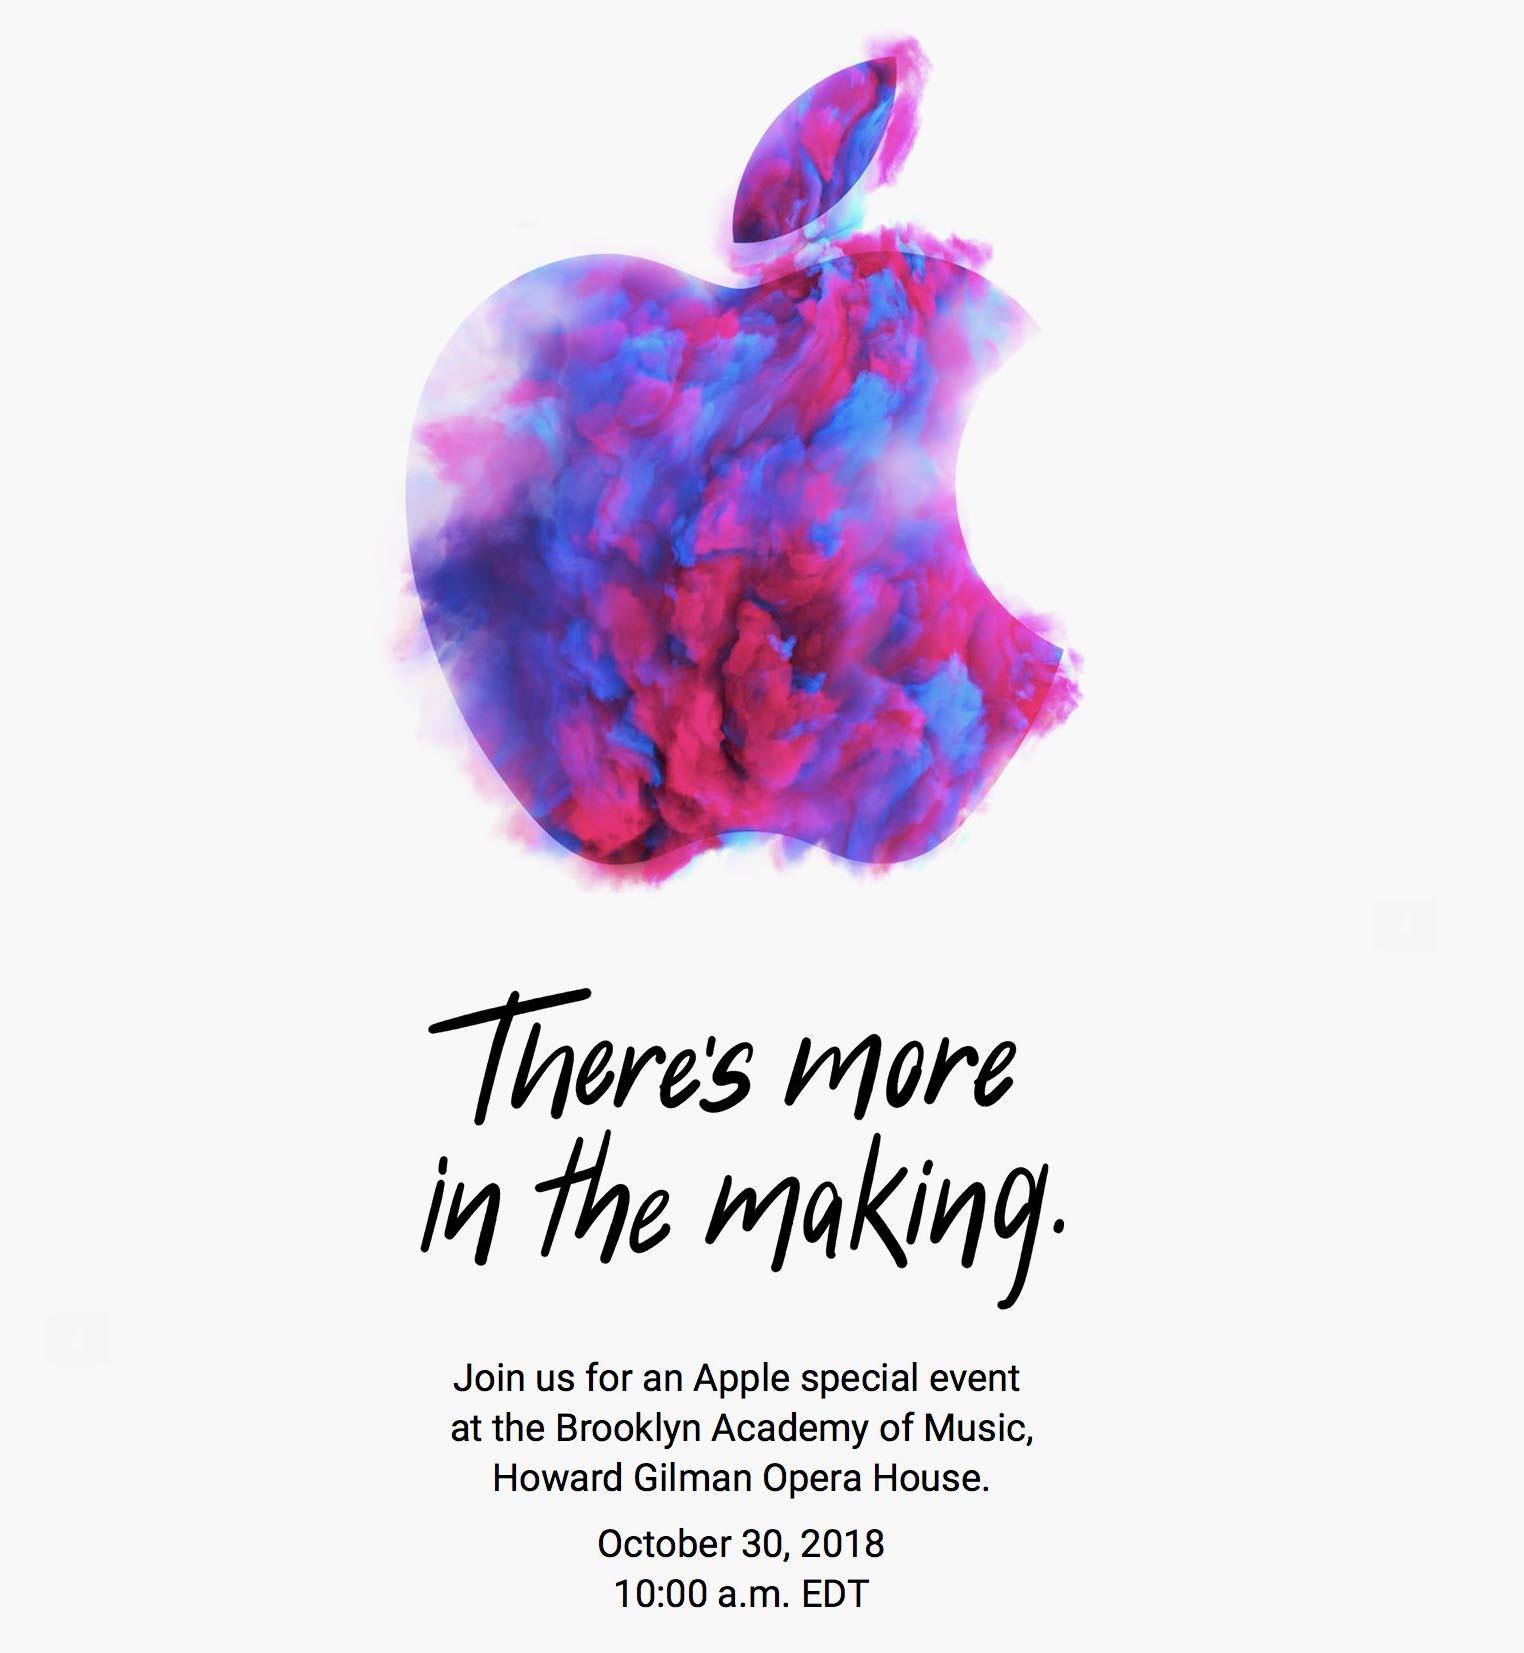 Apple Event octobre 2018